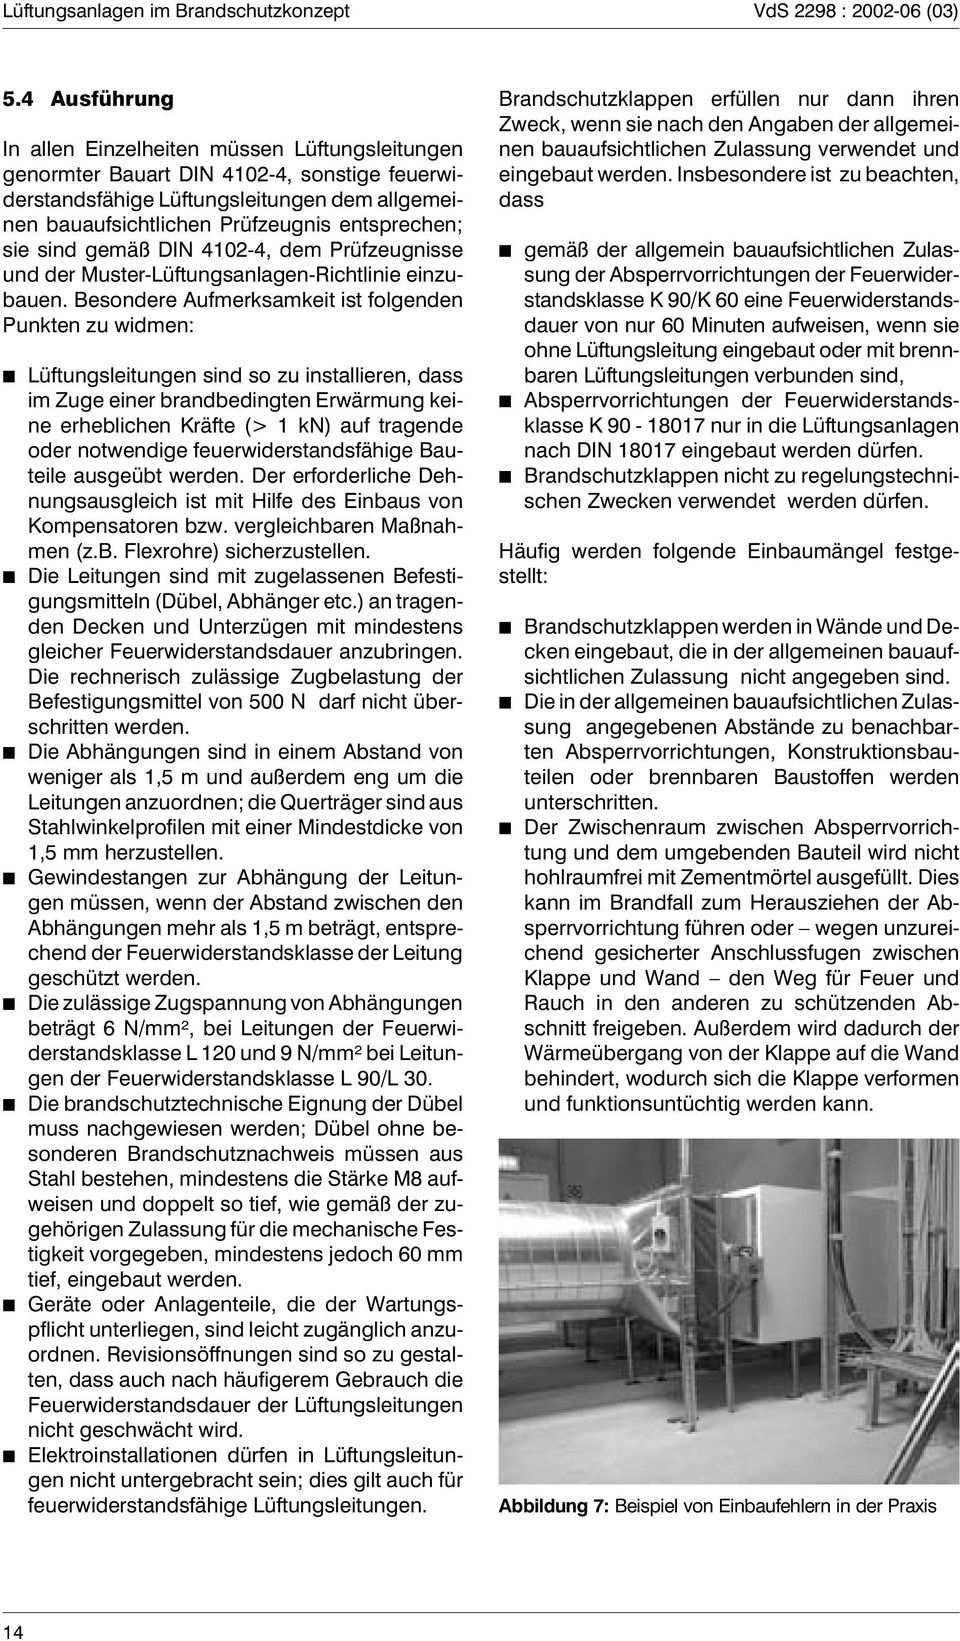 Luftungsanlagen Im Brandschutzkonzept Pdf Free Download